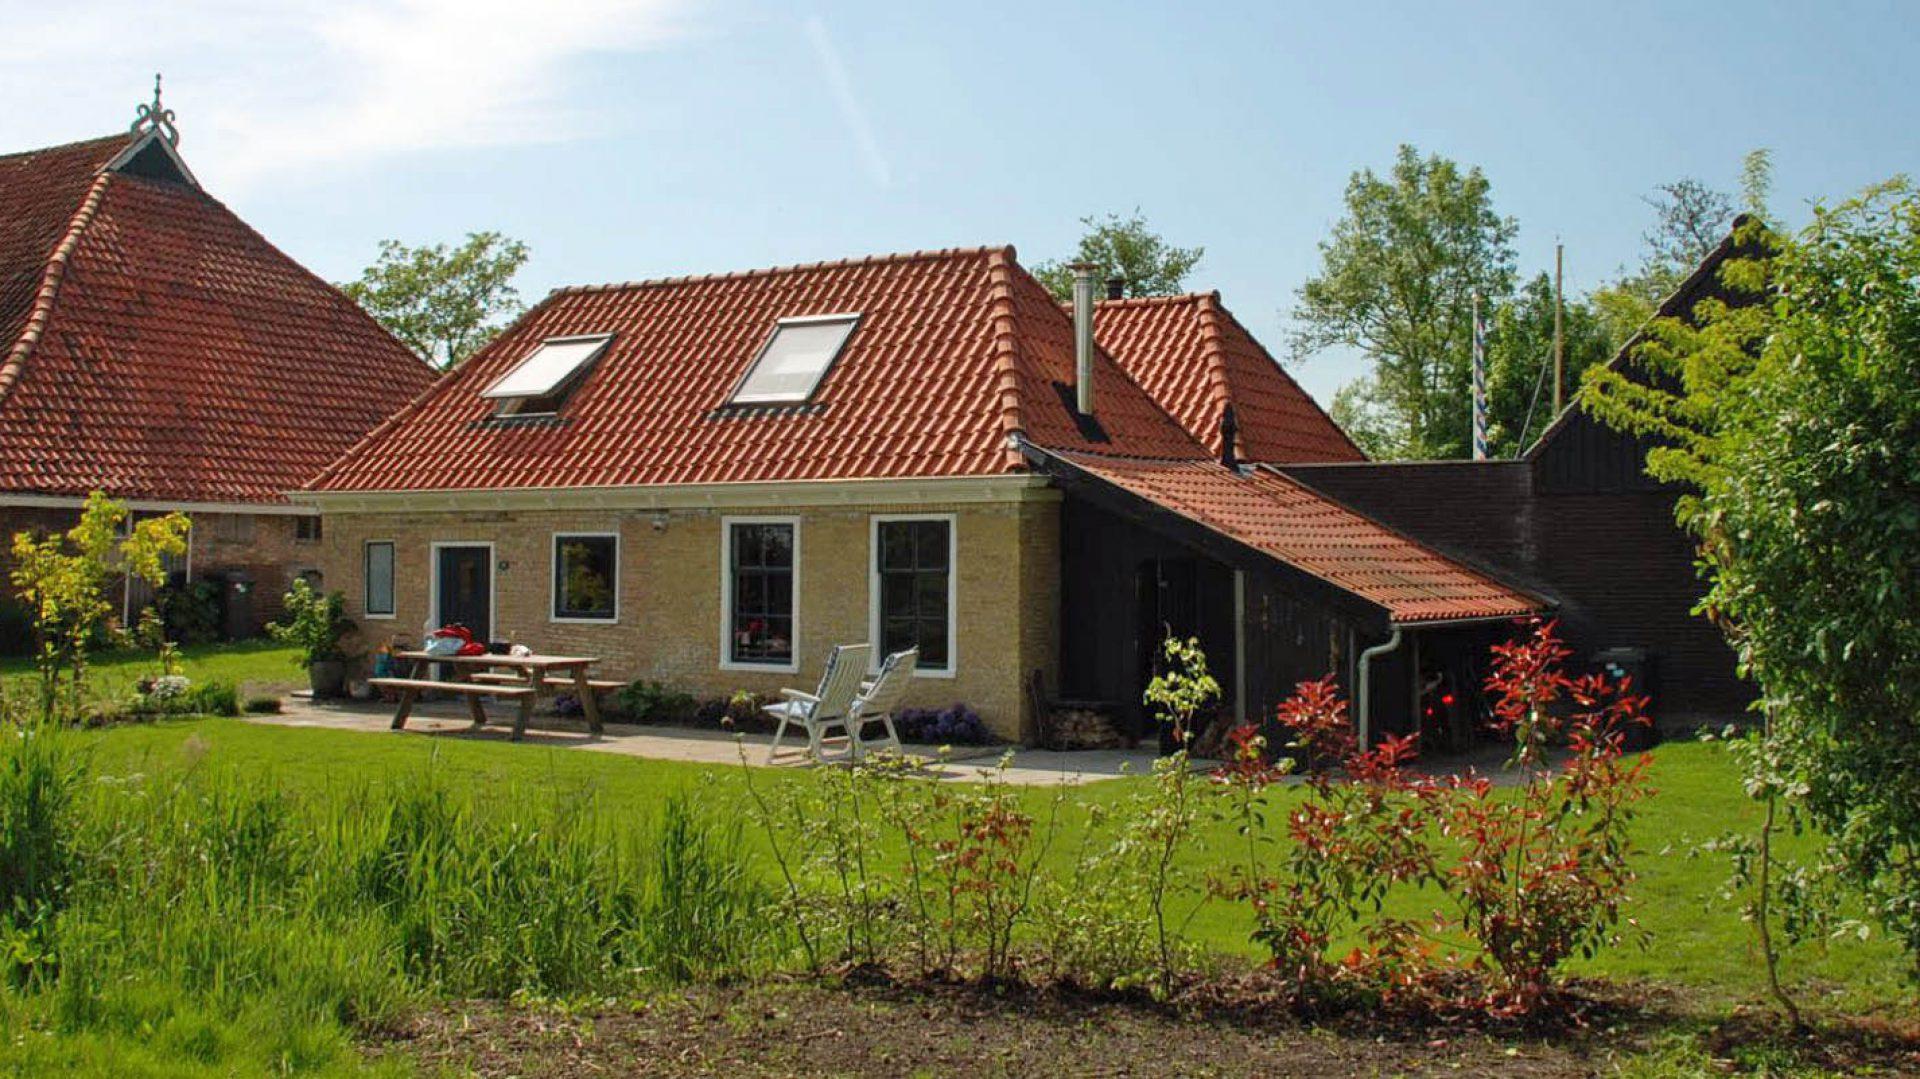 Vakantiehuisje Lytse Kaep Gaastmeer